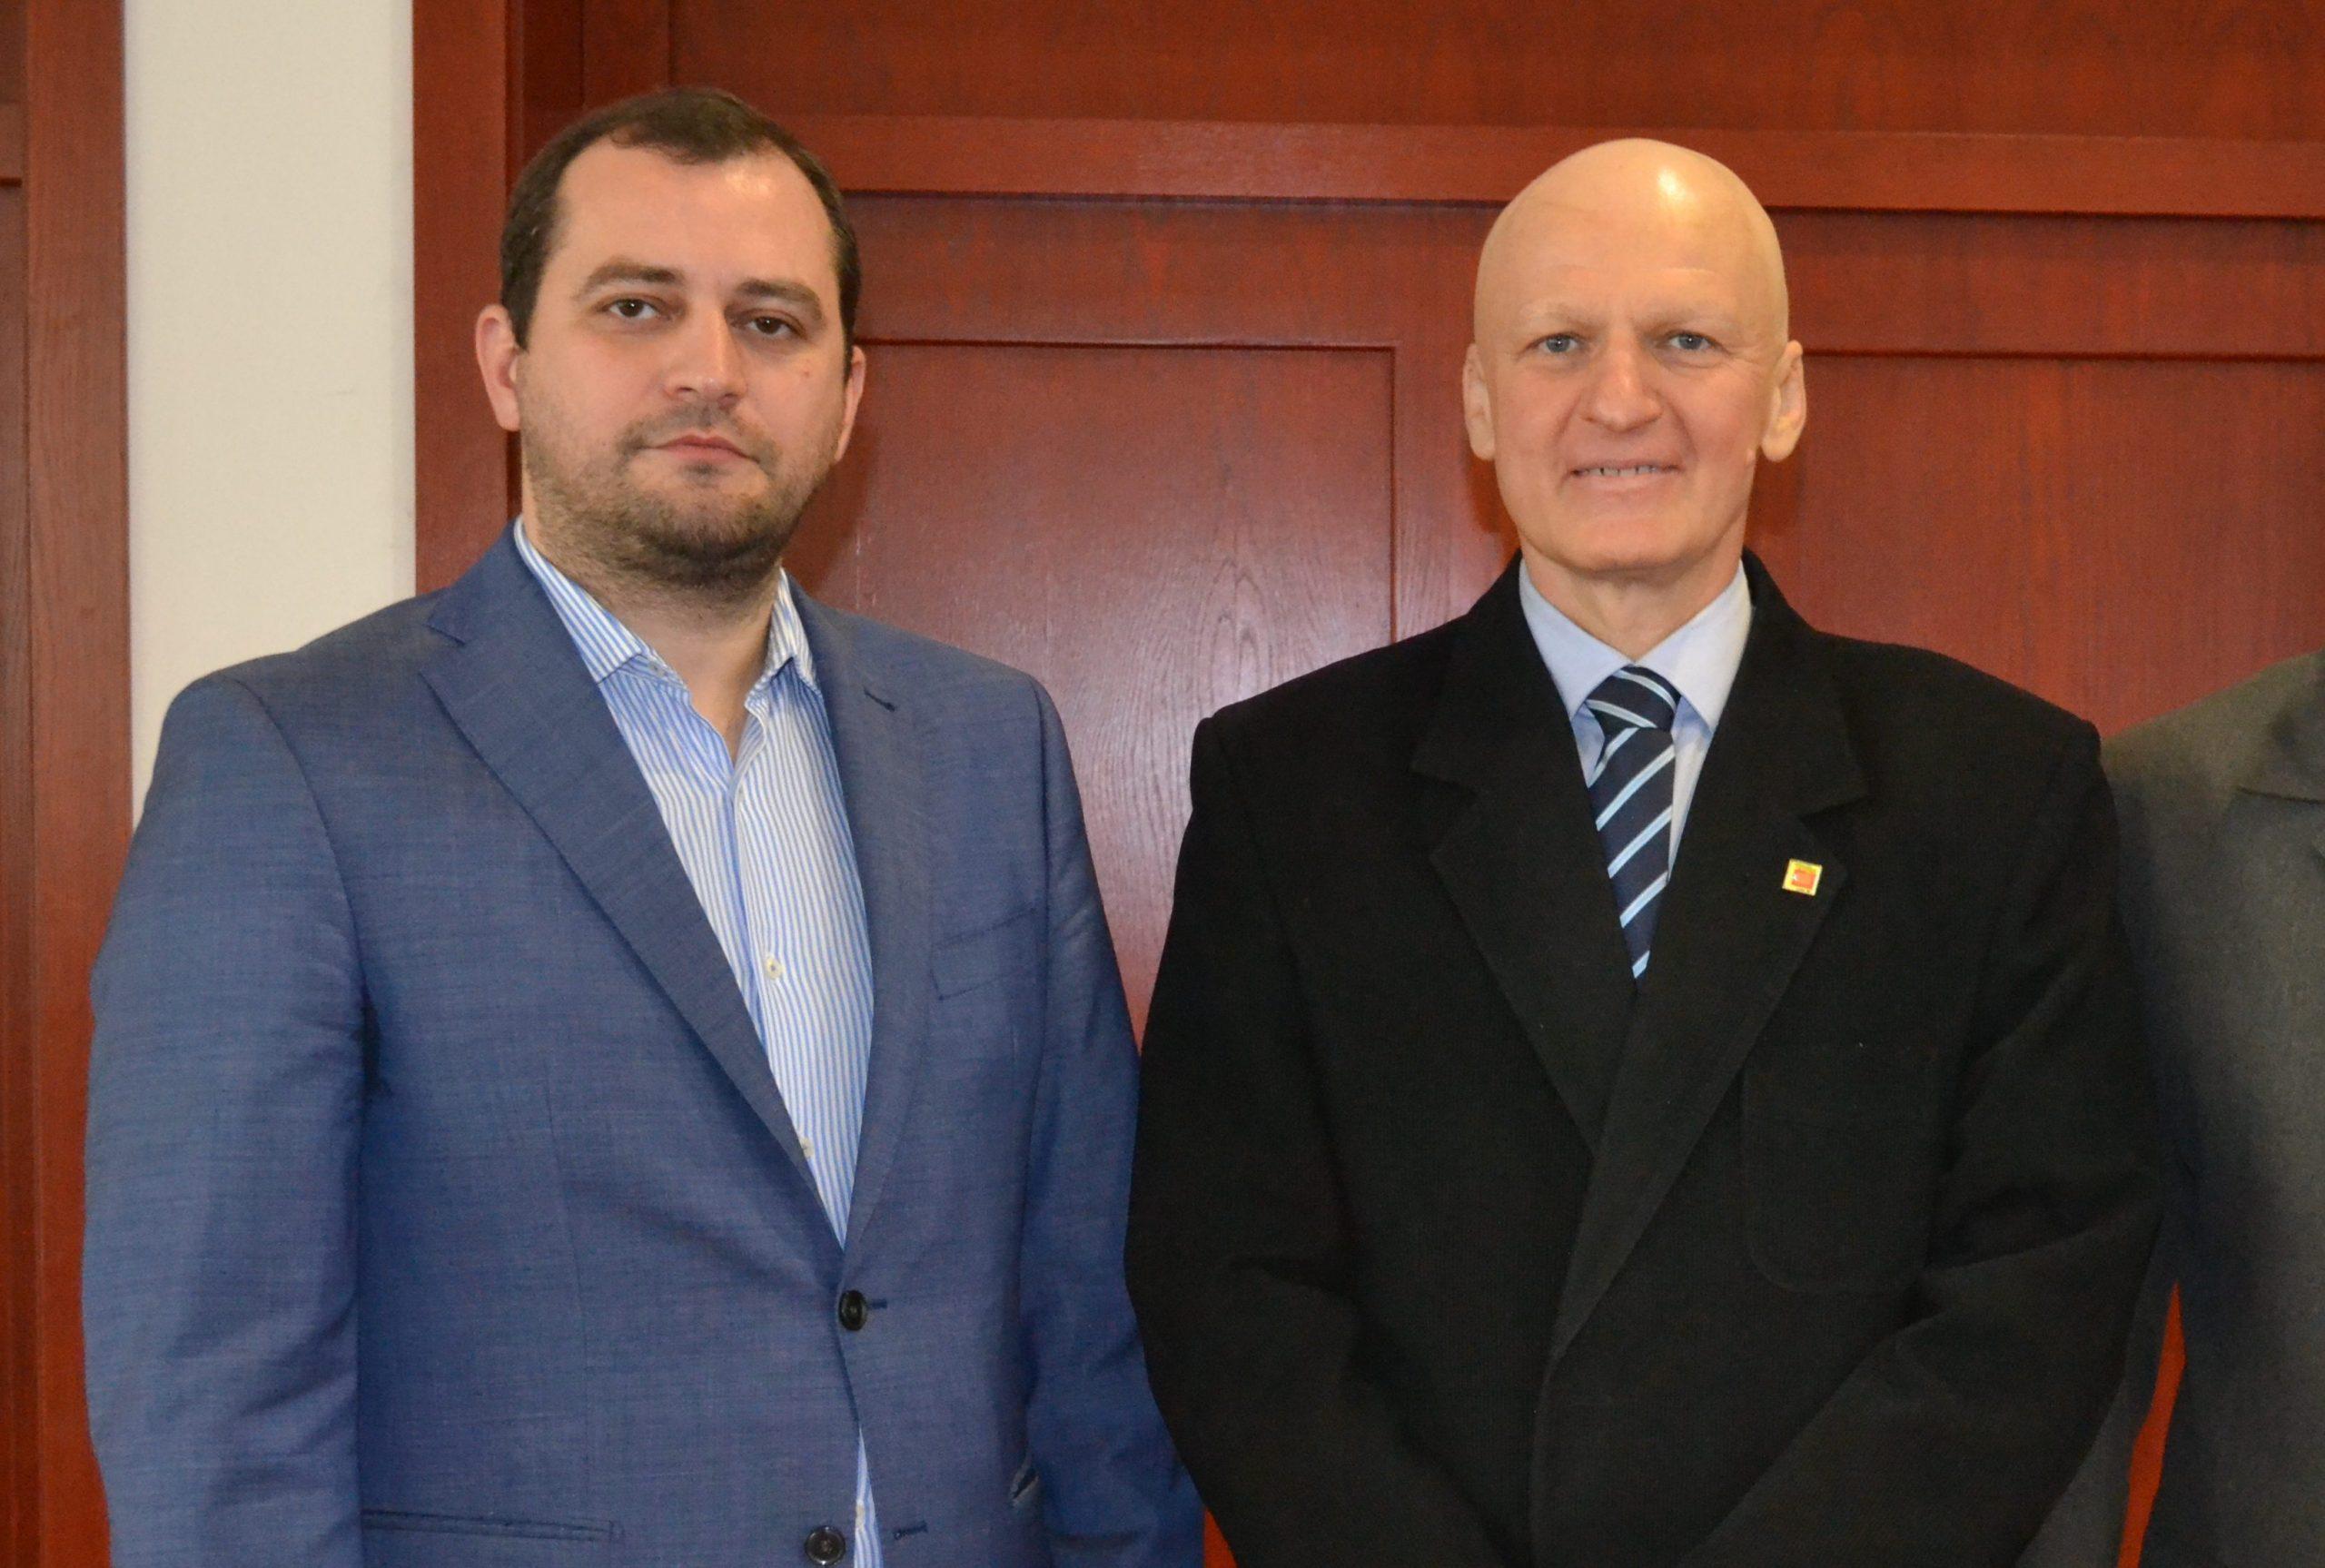 """Răzvan Cadar îi va urma lui Adrian Lucaci la șefia AJF Arad, șeful arbitrilor e singurul candidat pentru alegerie de pe 31 iulie: """"Să continuăm dezvoltarea fotbalului județean!"""""""